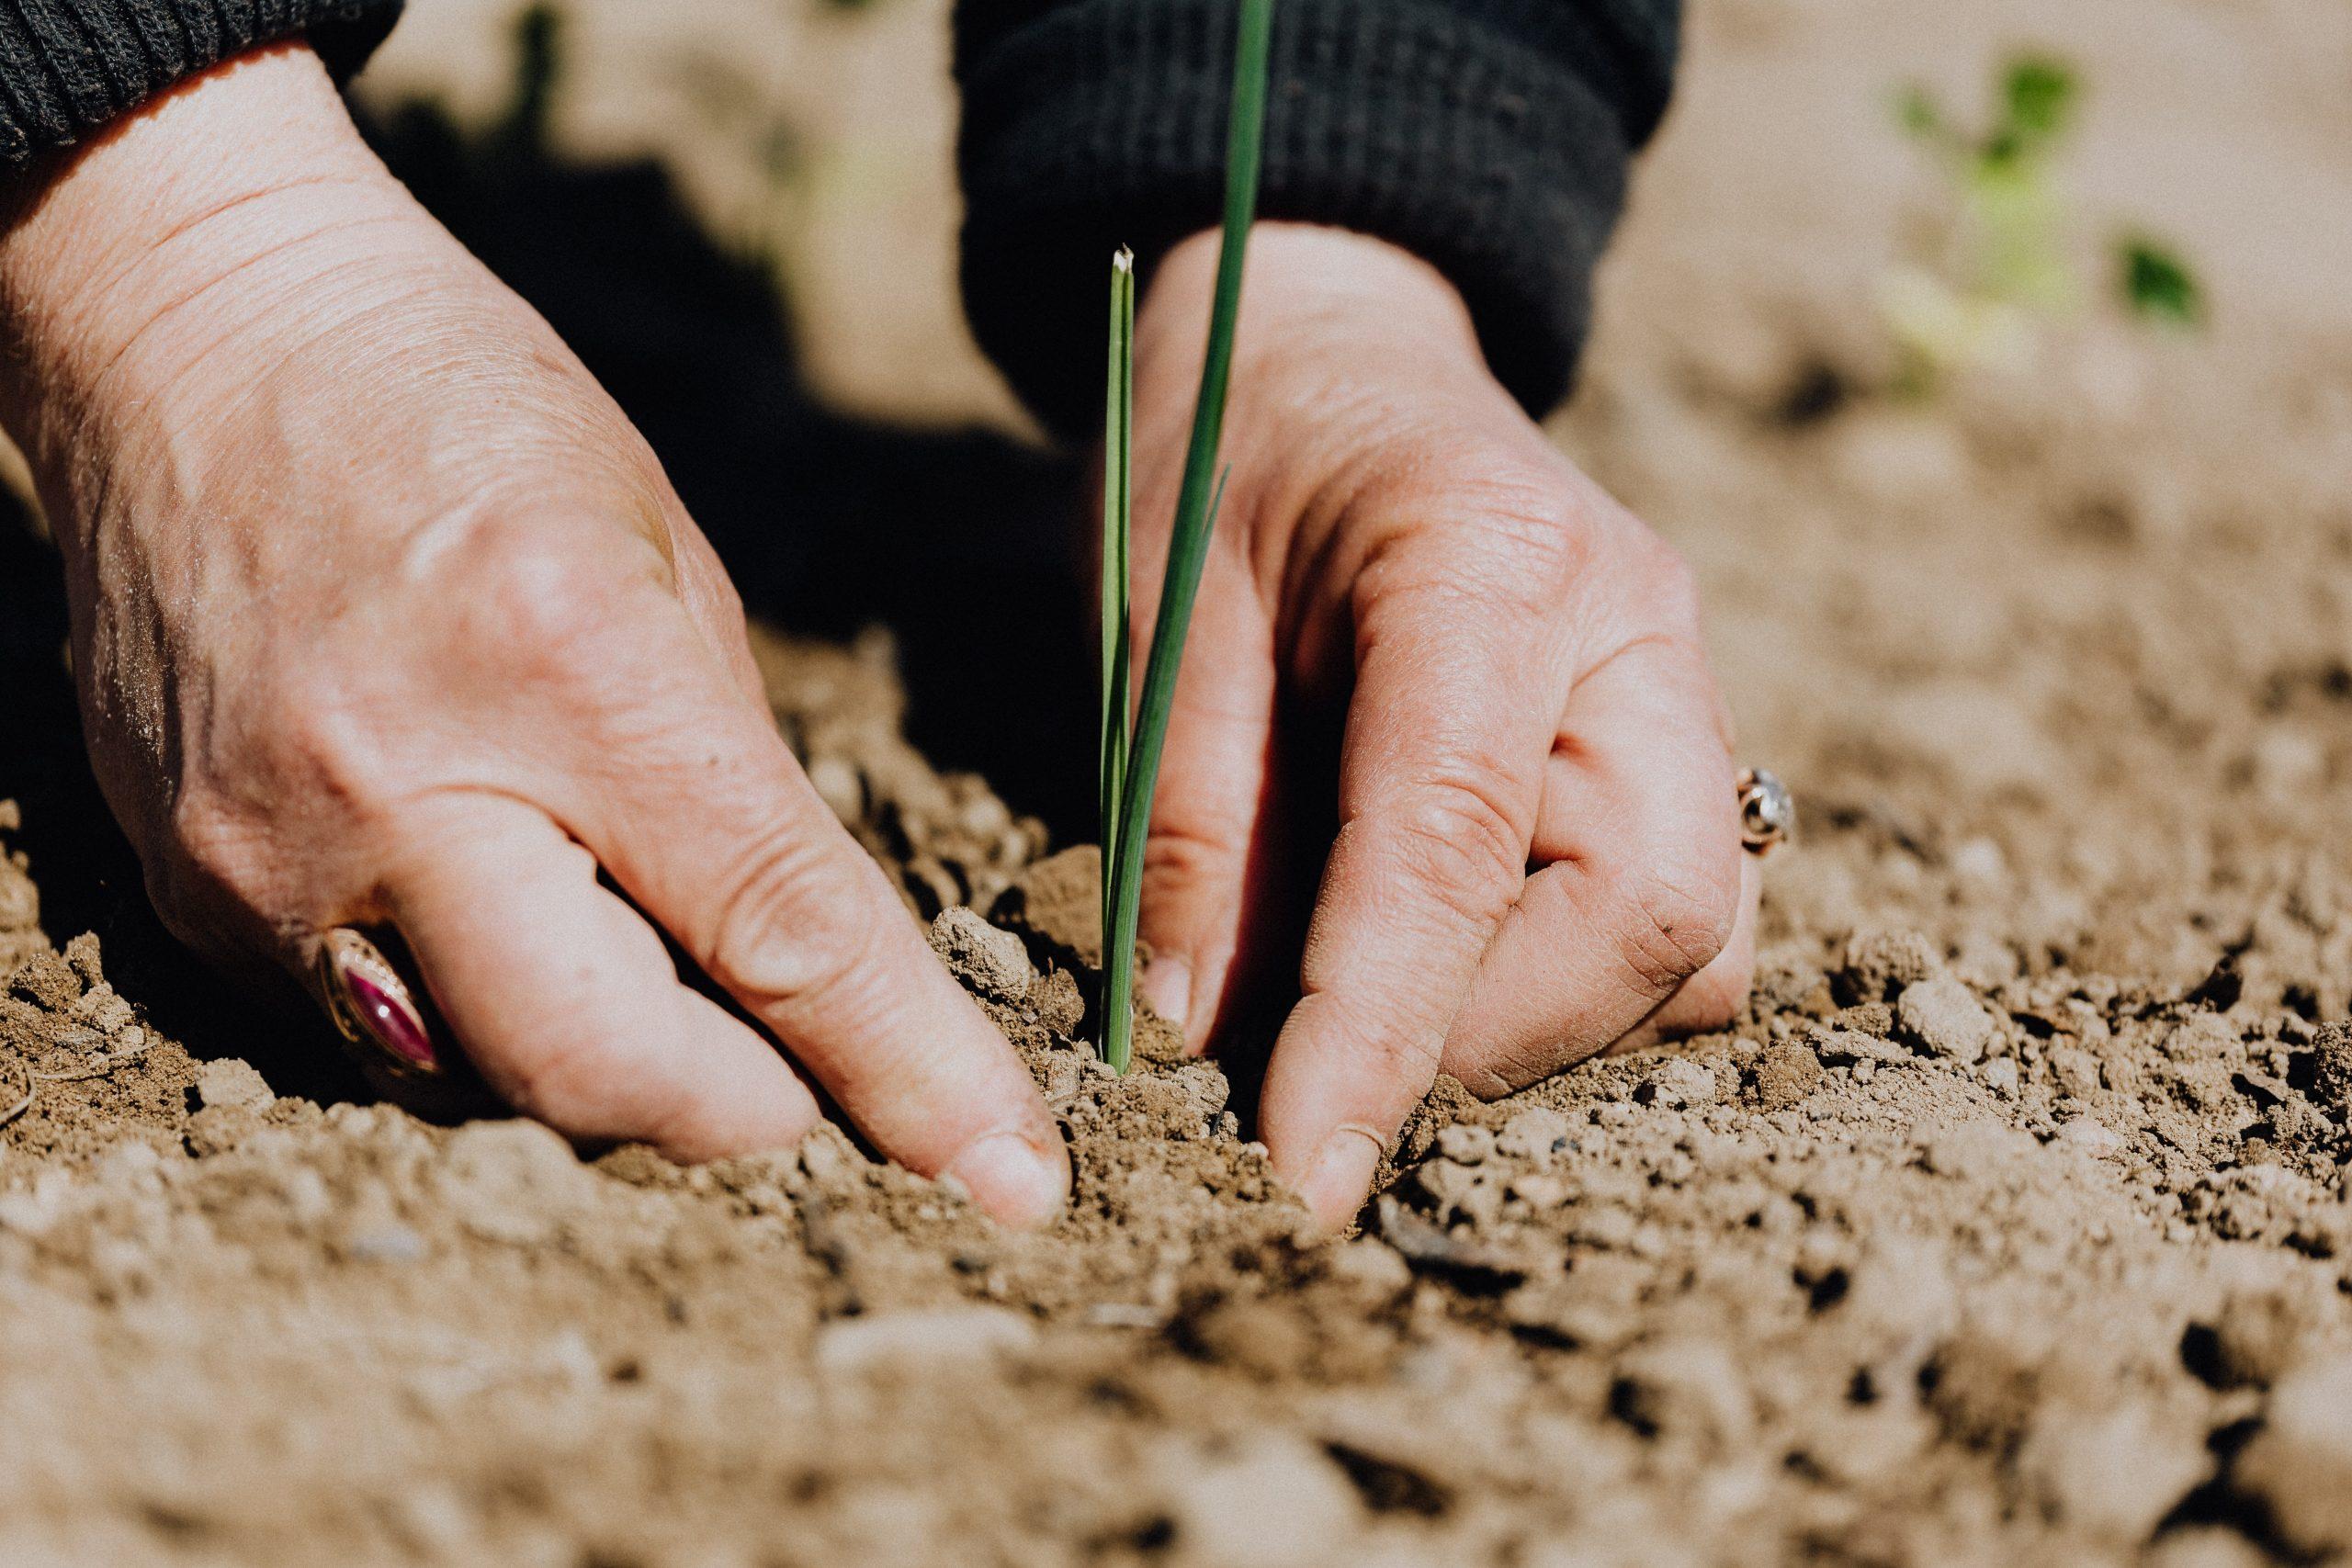 21 septiembre | Proteger el suelo: el gran reto de la agricultura | Ciclo #FairSustainableFood